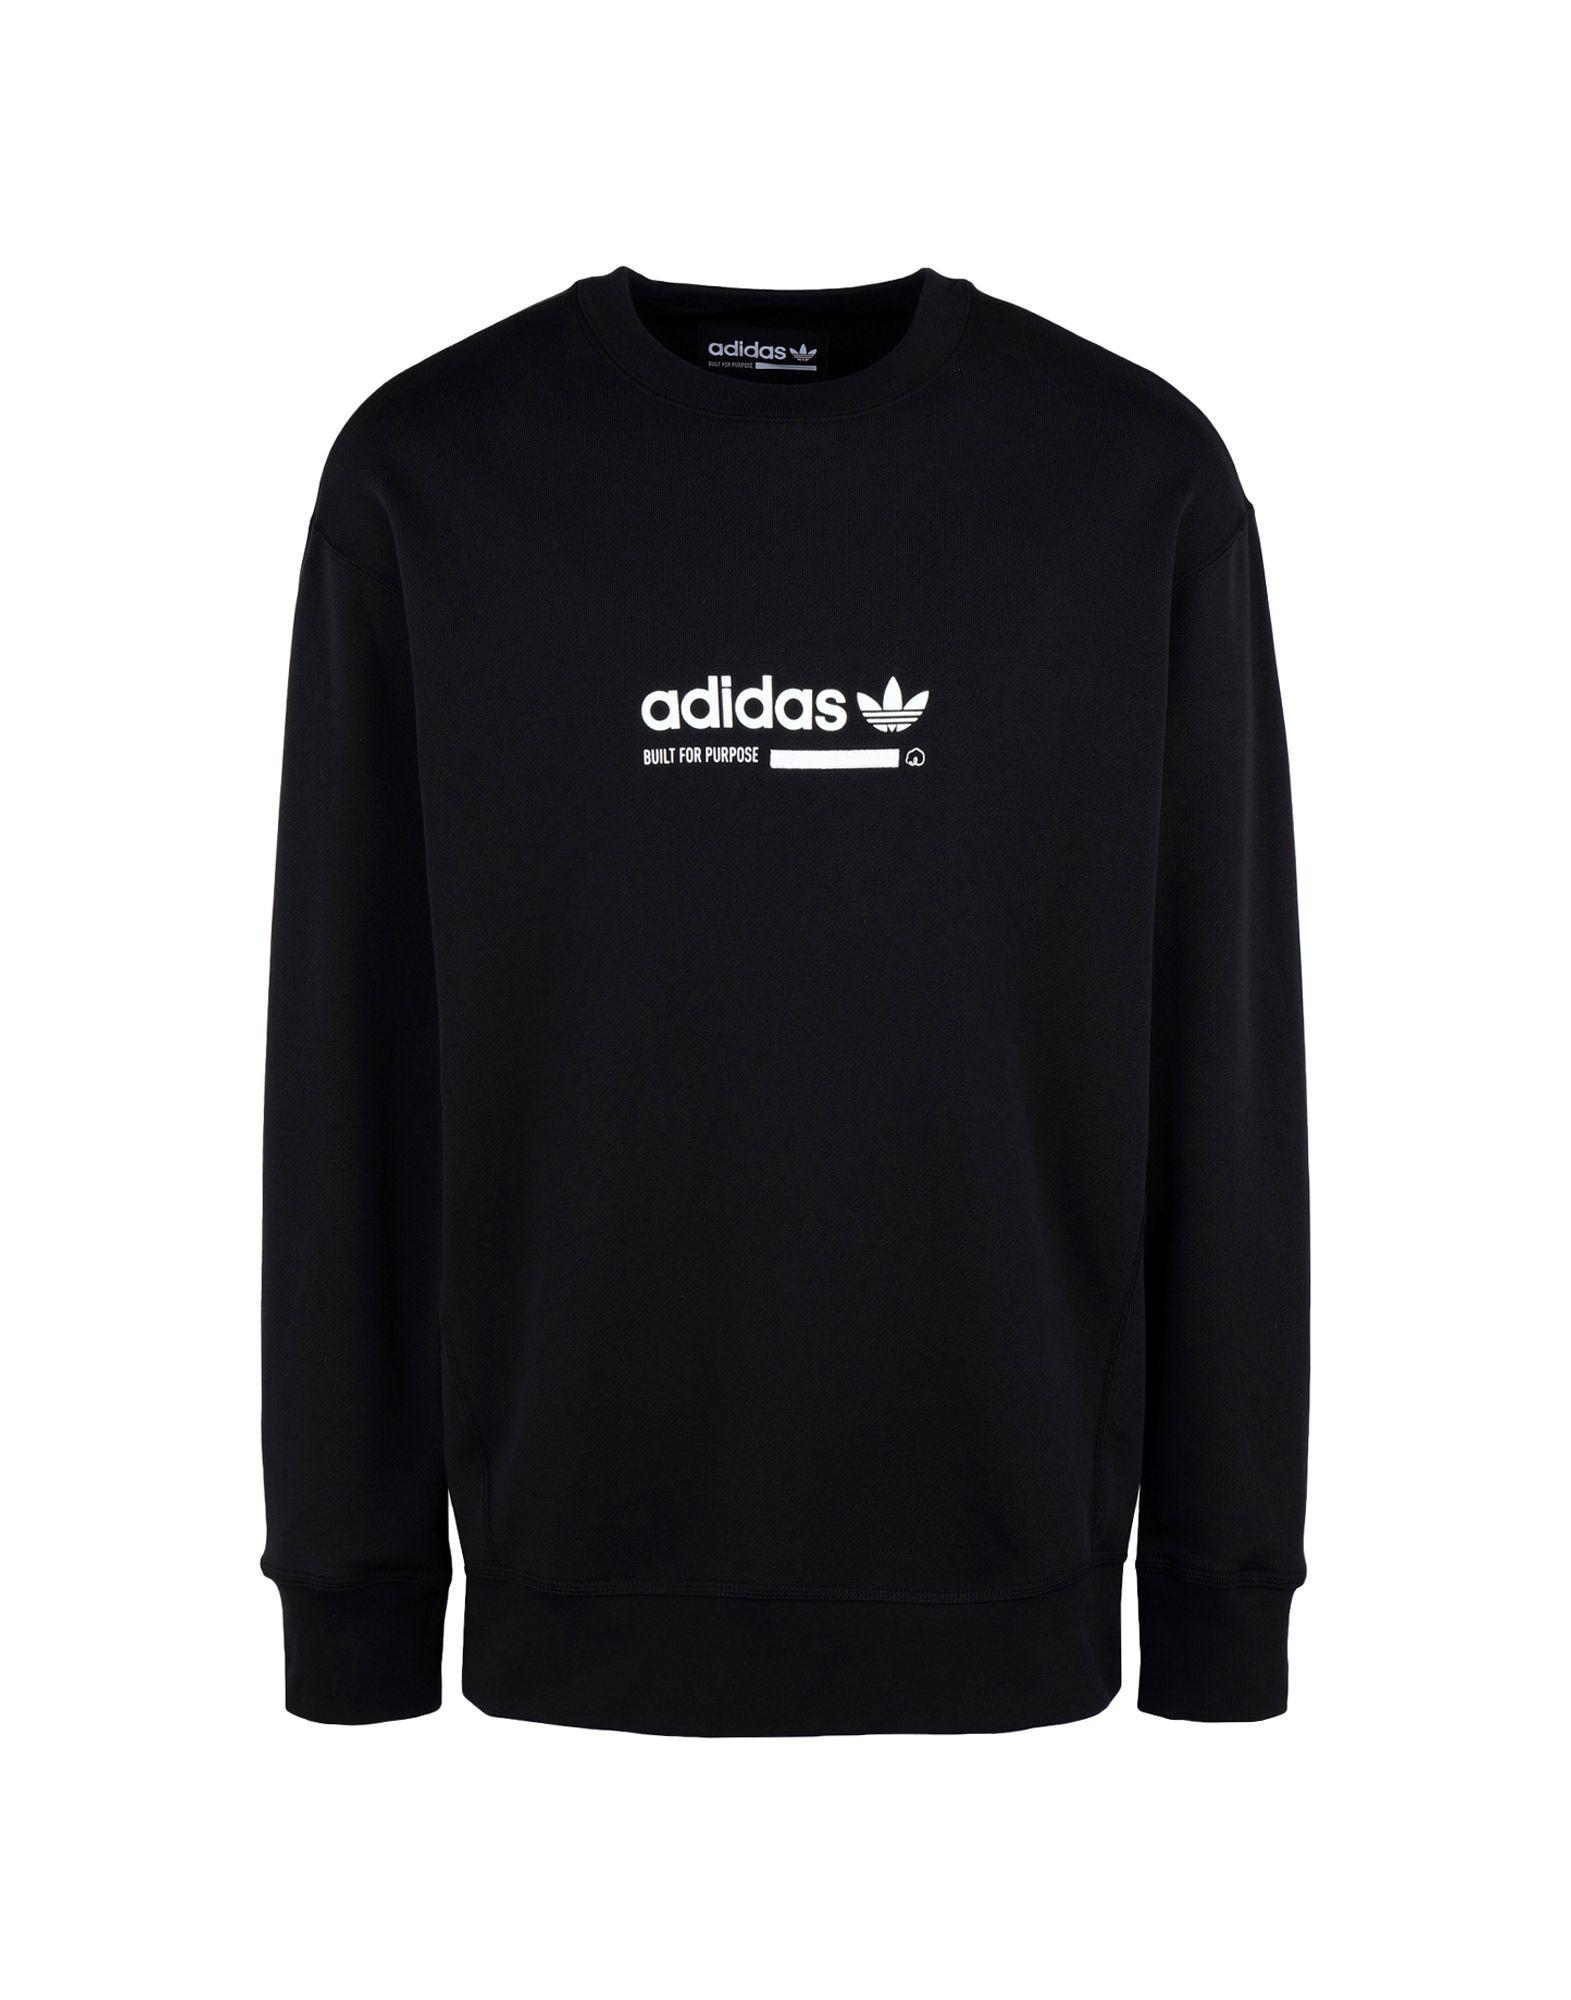 《送料無料》ADIDAS ORIGINALS メンズ スウェットシャツ ブラック S コットン 100% KAVAL CREW